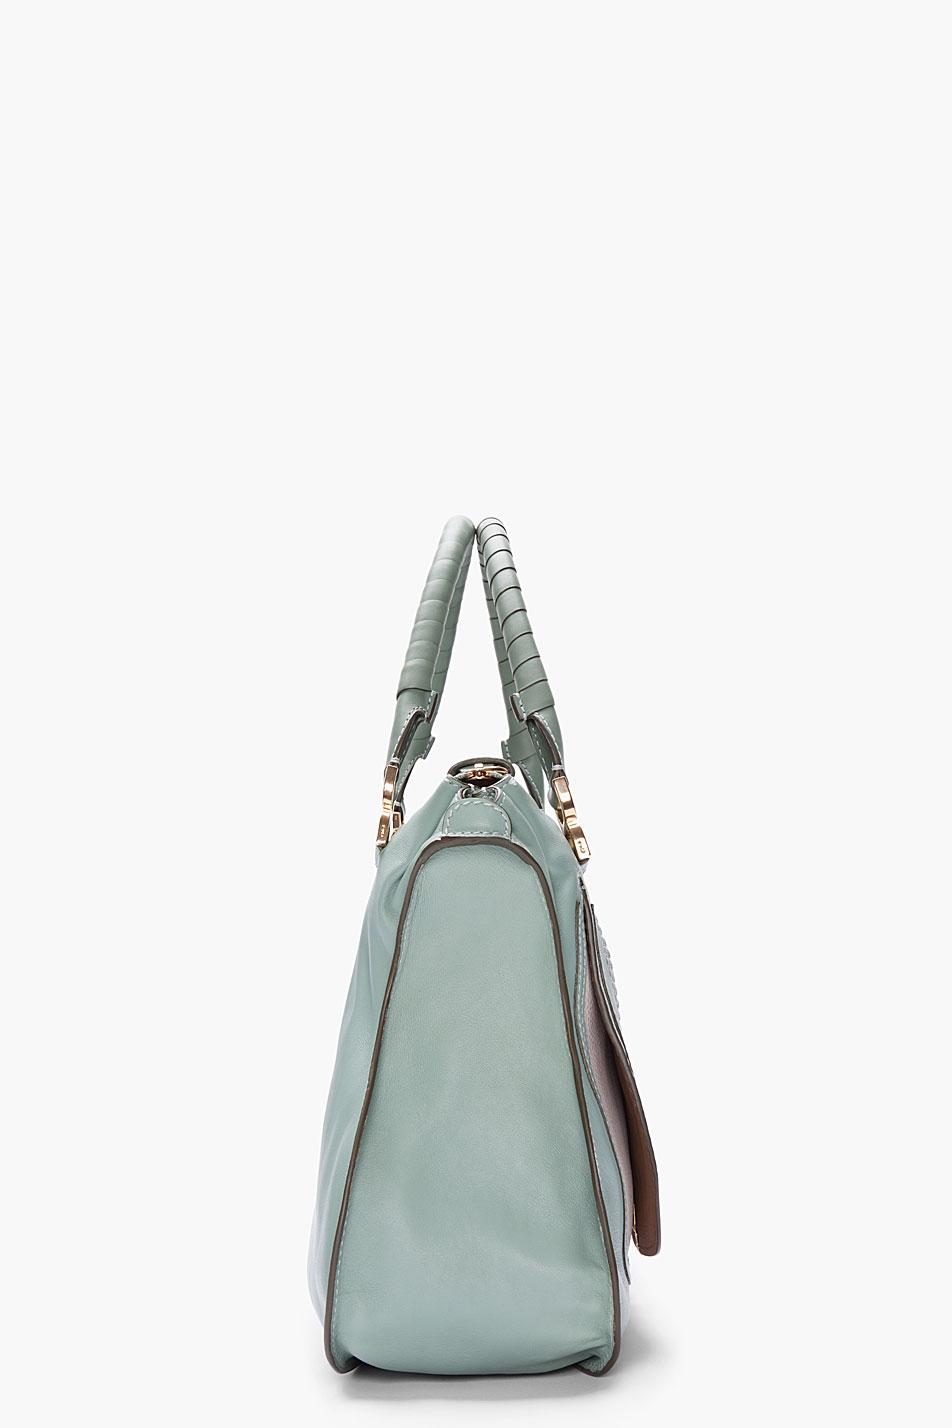 Chlo¨¦ Seafoam Green Leather Marcie Bag in Green | Lyst